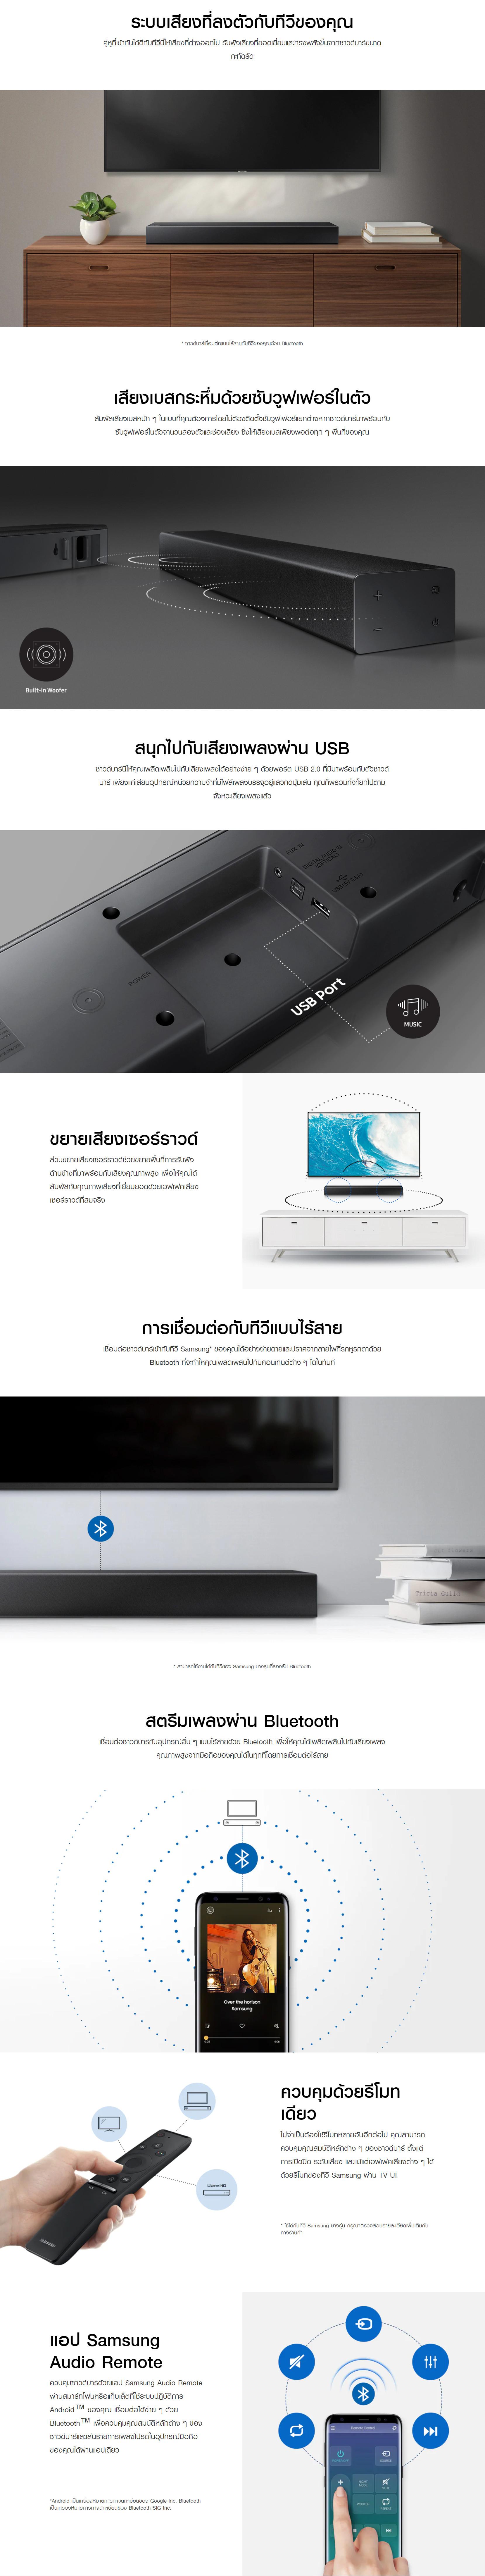 ซาวน์บาร์ Samsung